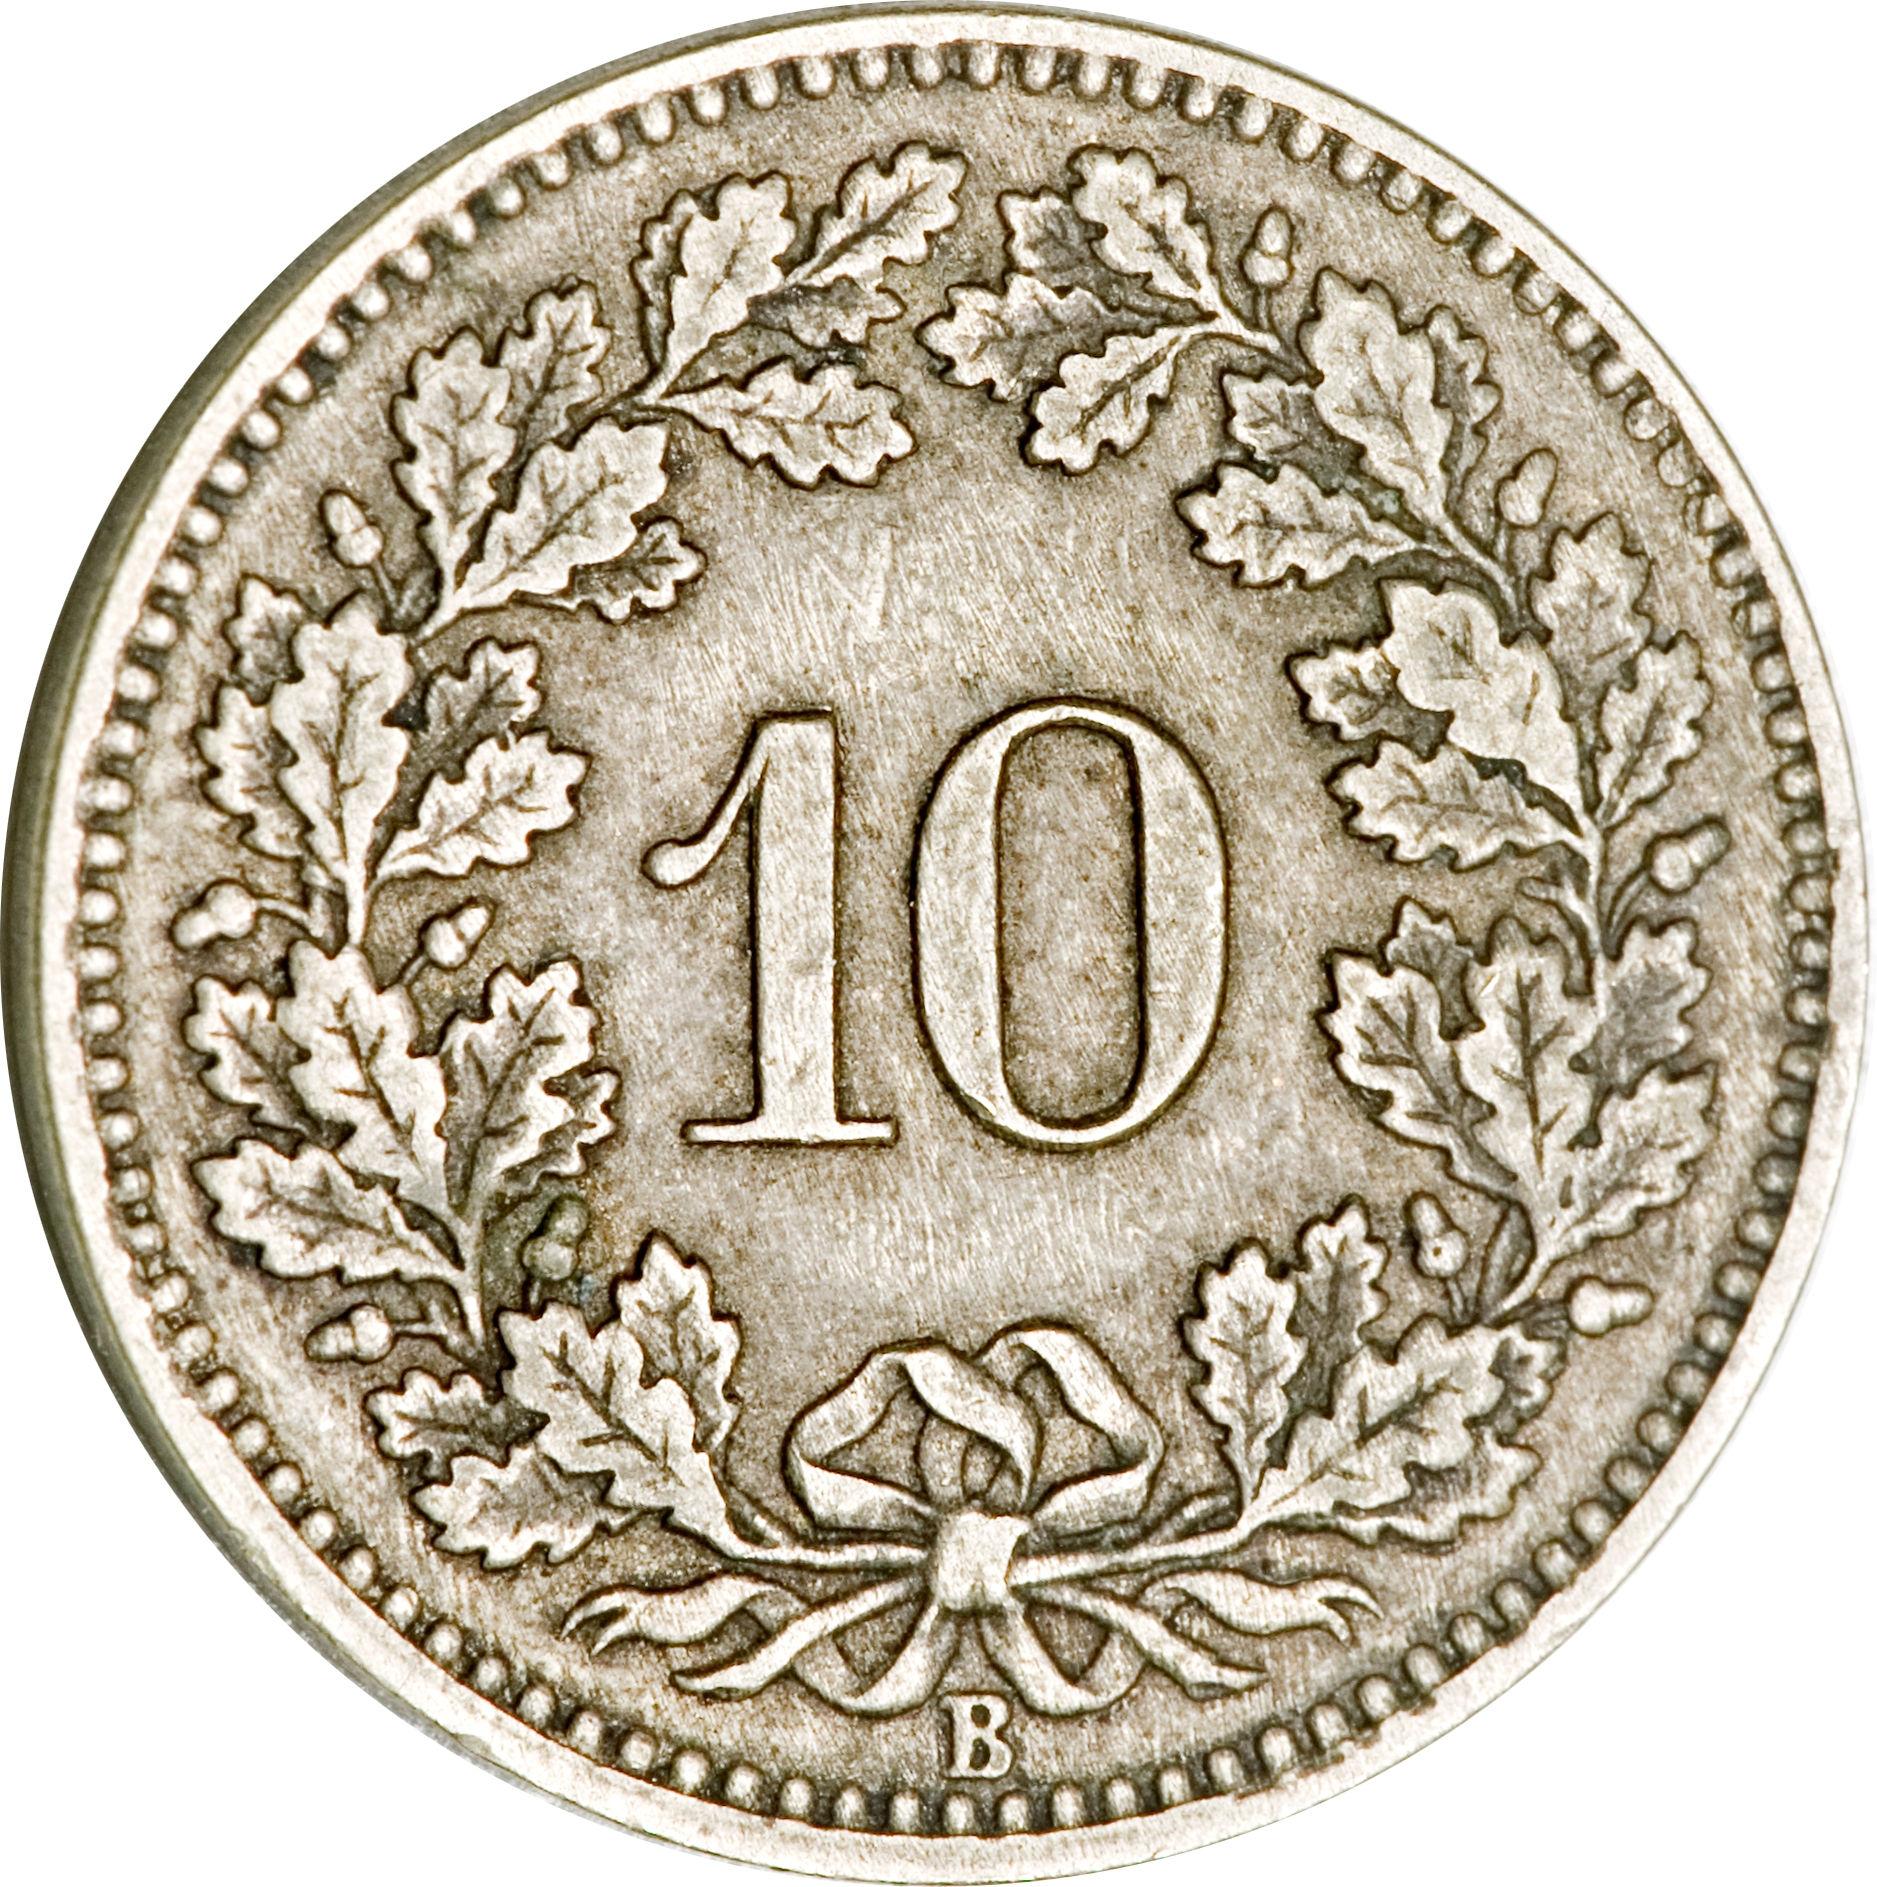 10 centimes Ecusson - Suisse – Numista